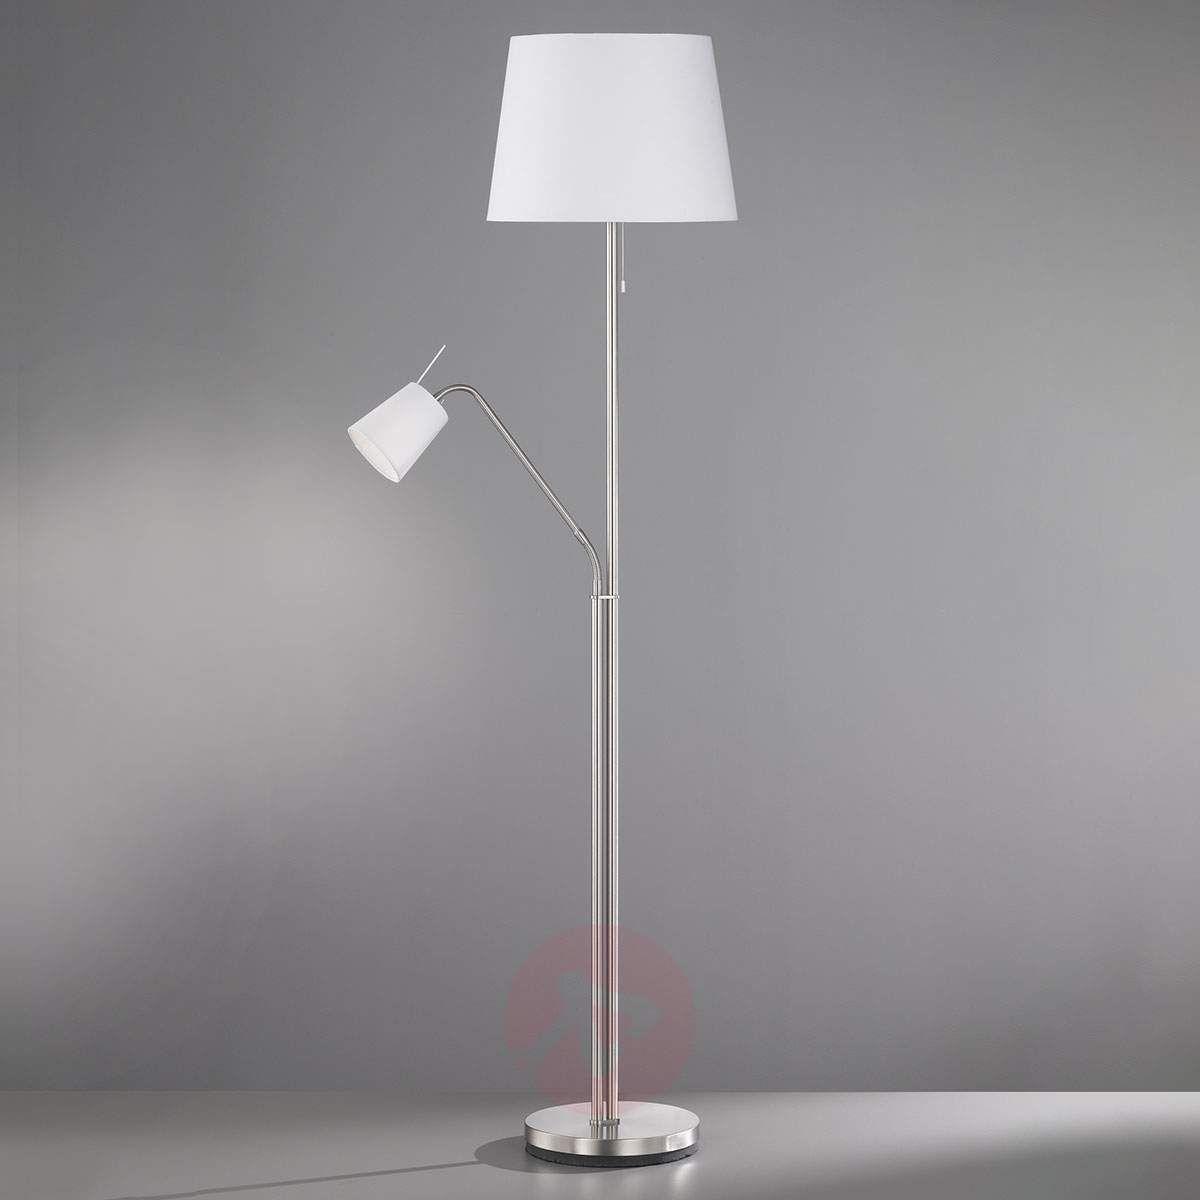 Lampa Stojąca Layer Lampka Do Czytania Biała Lampy